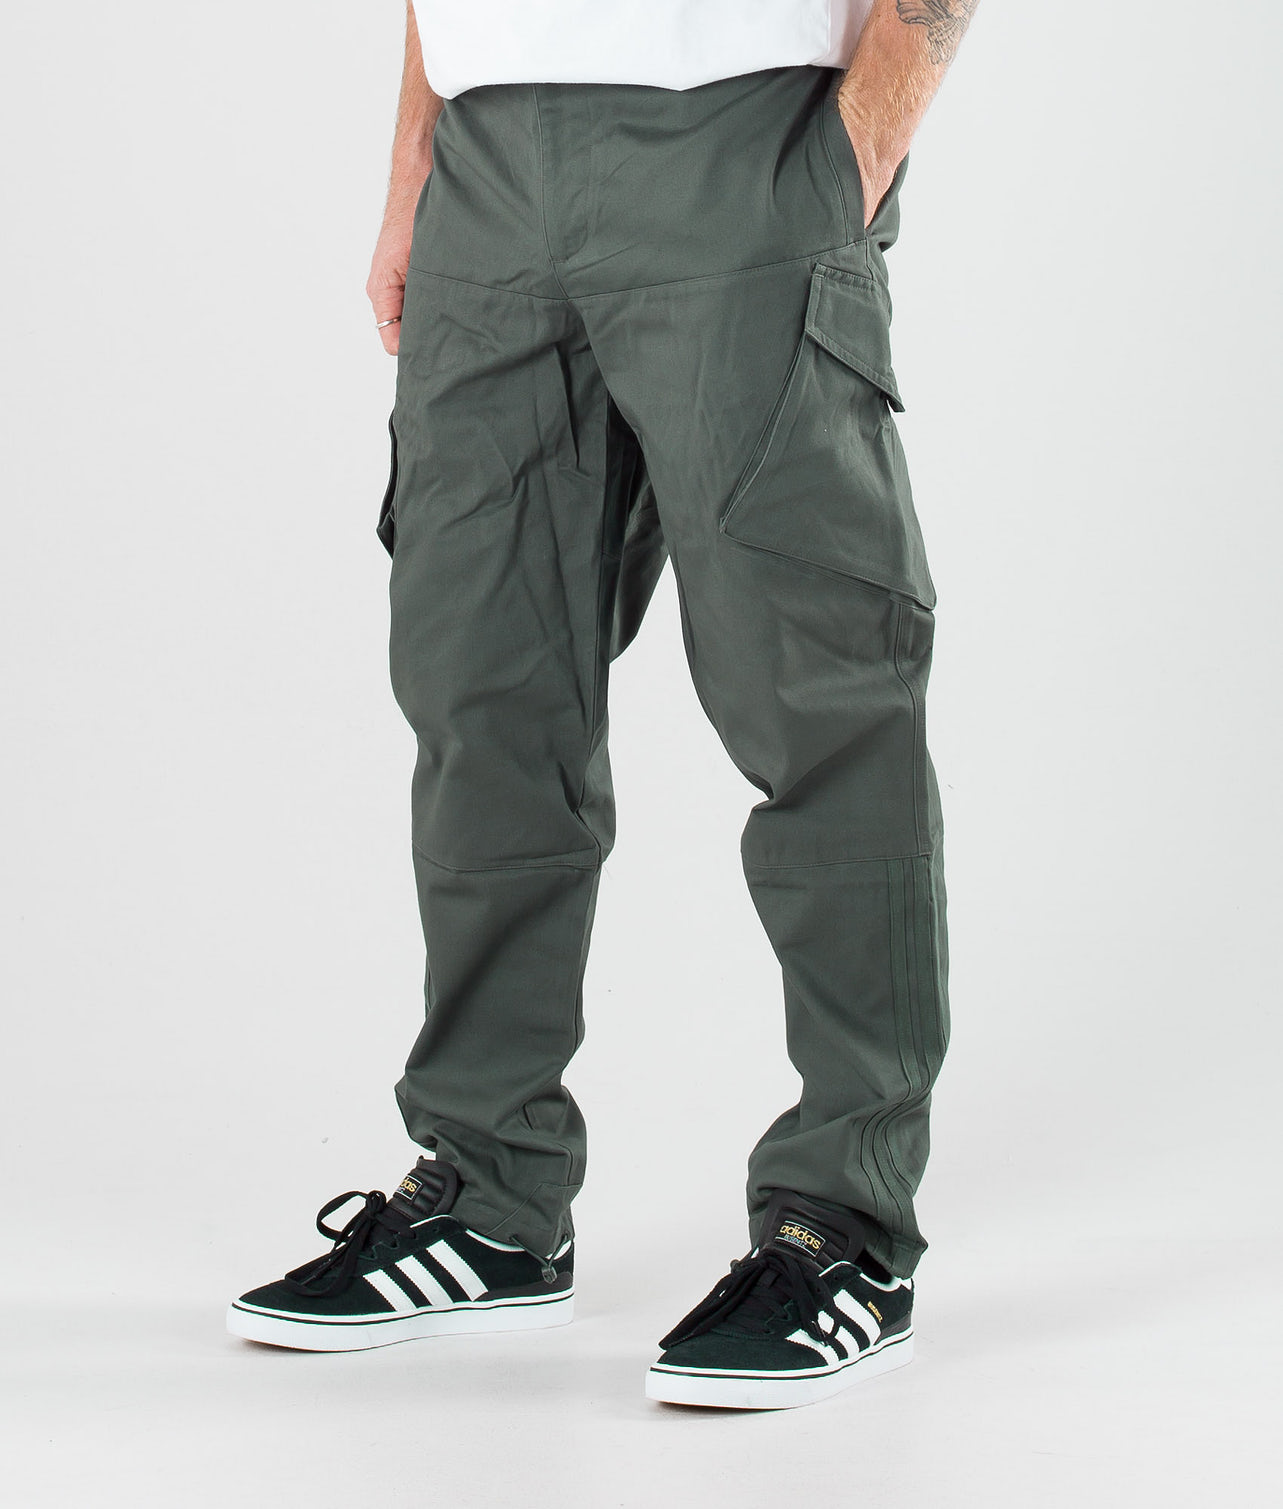 Kjøp Cargo Bukser fra Adidas Skateboarding på Ridestore.no - Hos oss har du alltid fri frakt, fri retur og 30 dagers åpent kjøp!